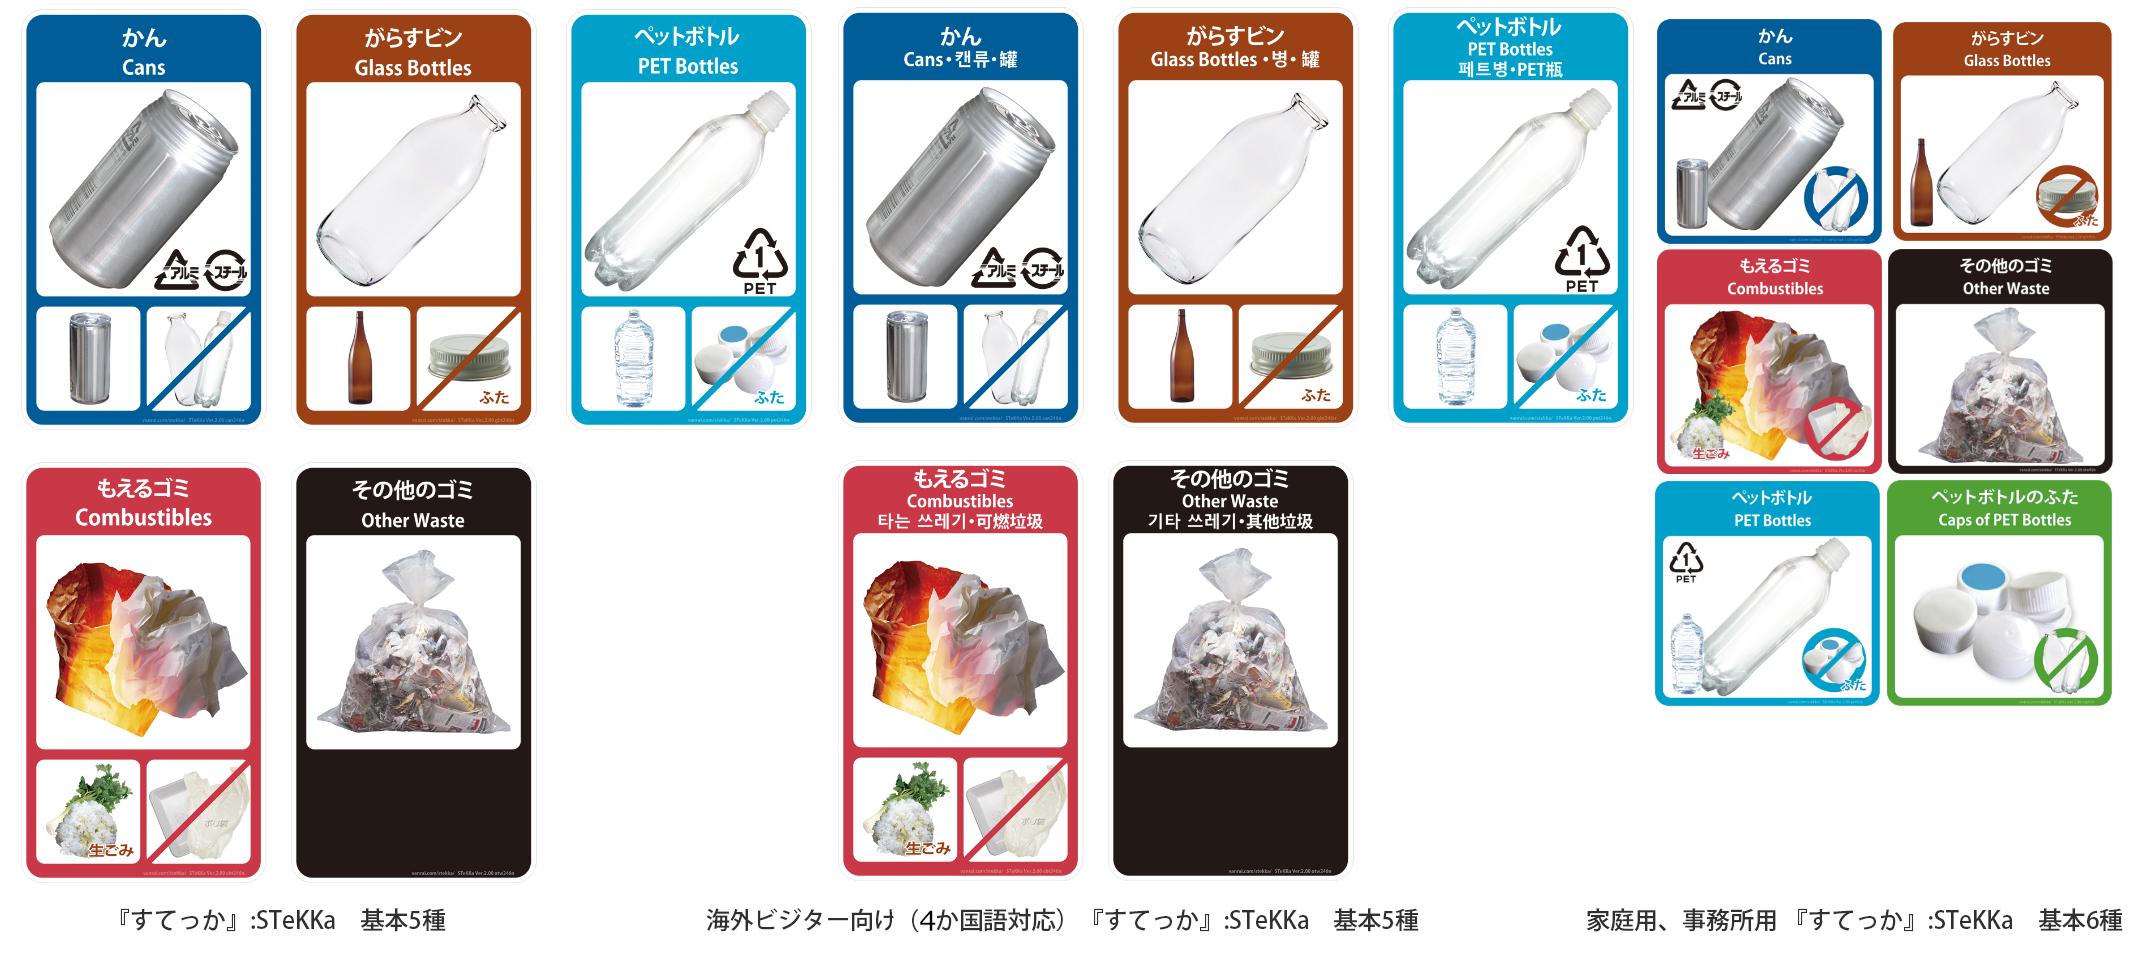 ゴミ分別シール 『すてっか』:STeKKa Ver.2.0 一覧